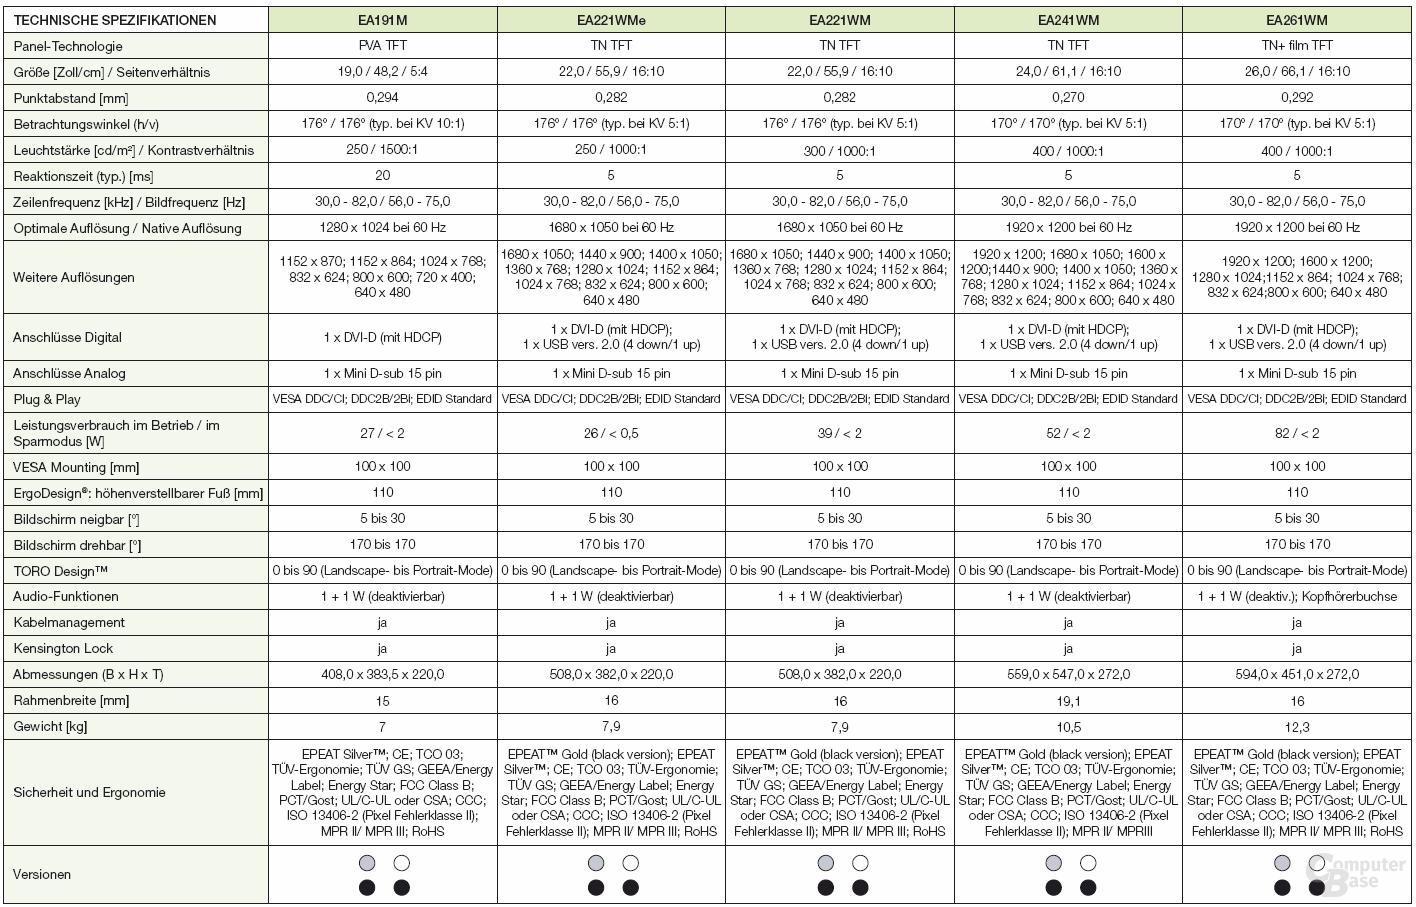 NEC EA221WMe im Vergleich zu bisherigen Modellen